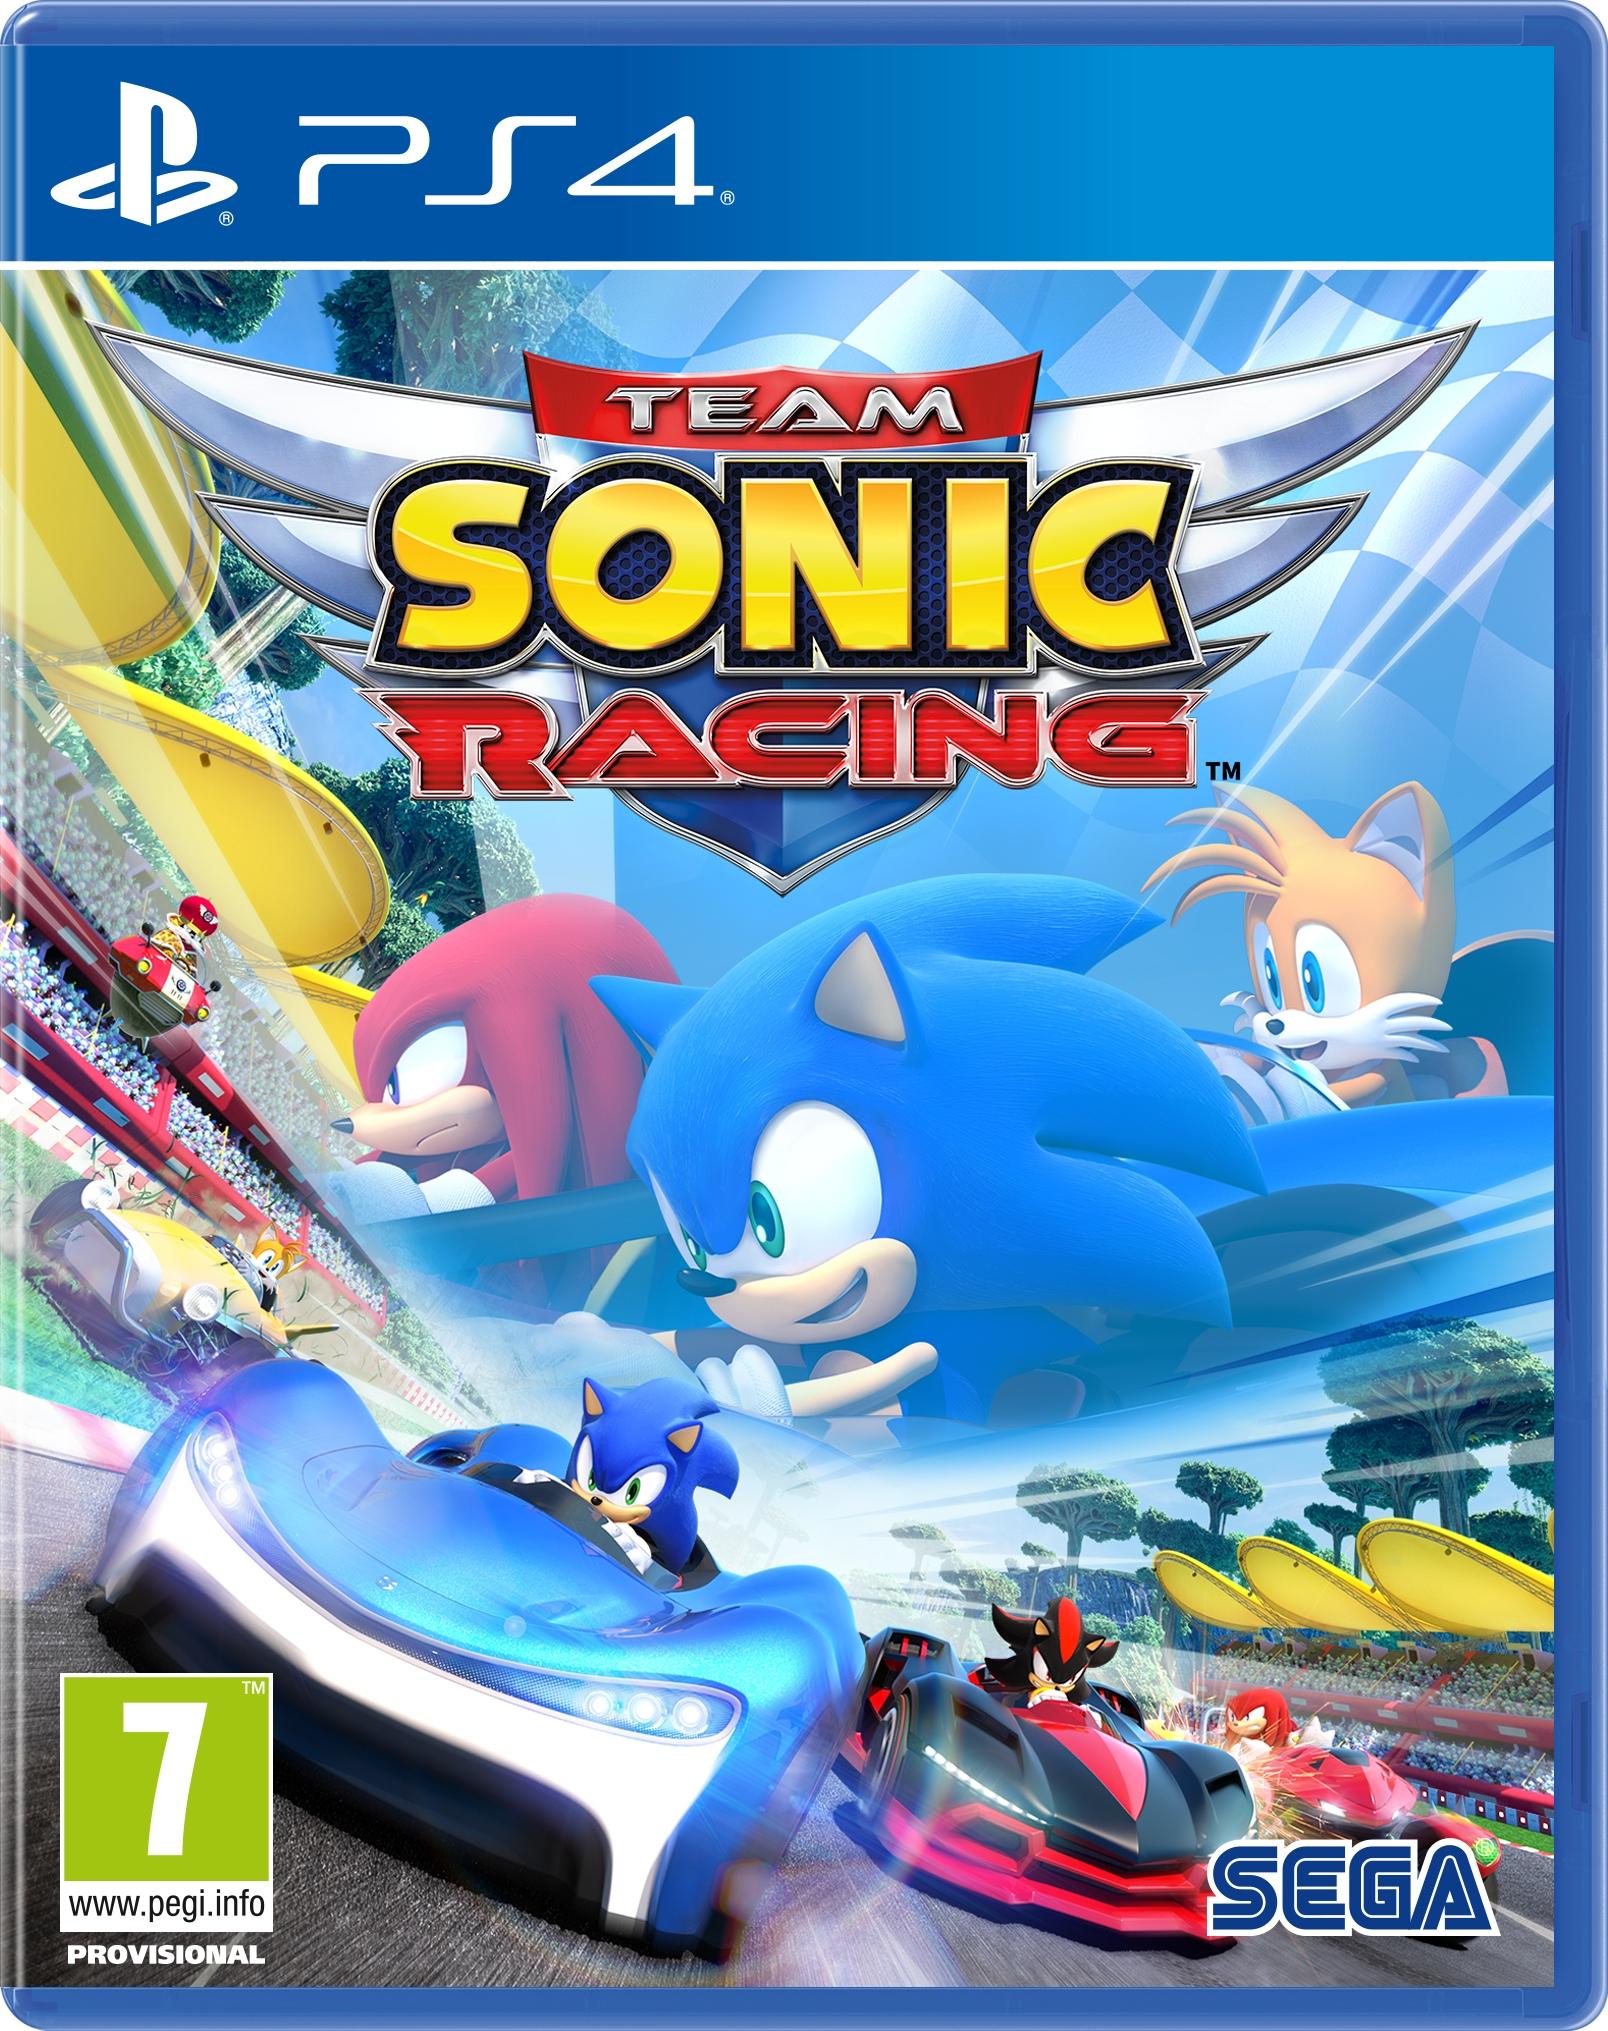 Team Sonic Racing anunciado oficialmente para PC y consolas